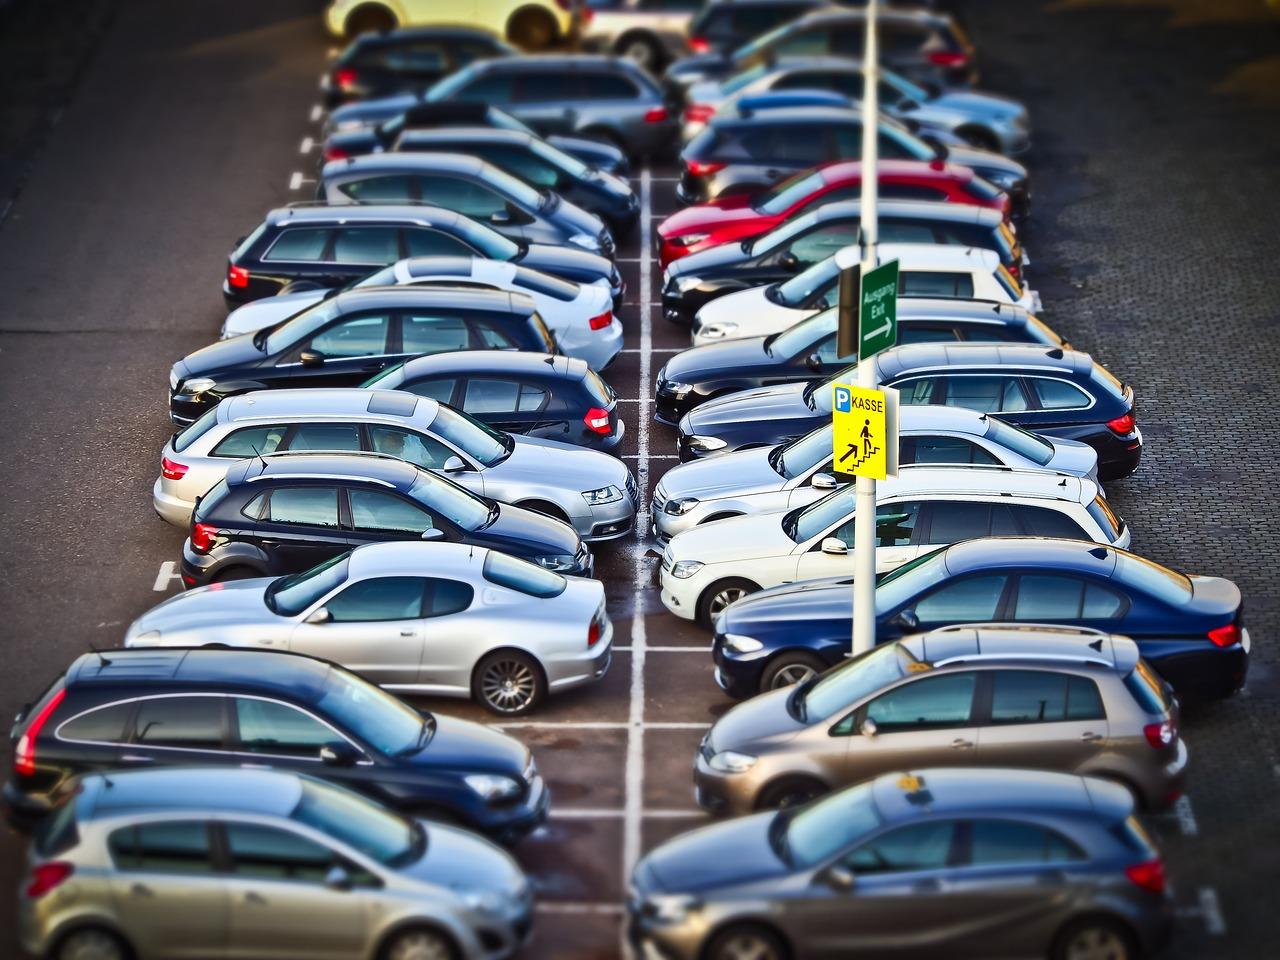 Gestion de flotte : comment gérer son parc de véhicules ?